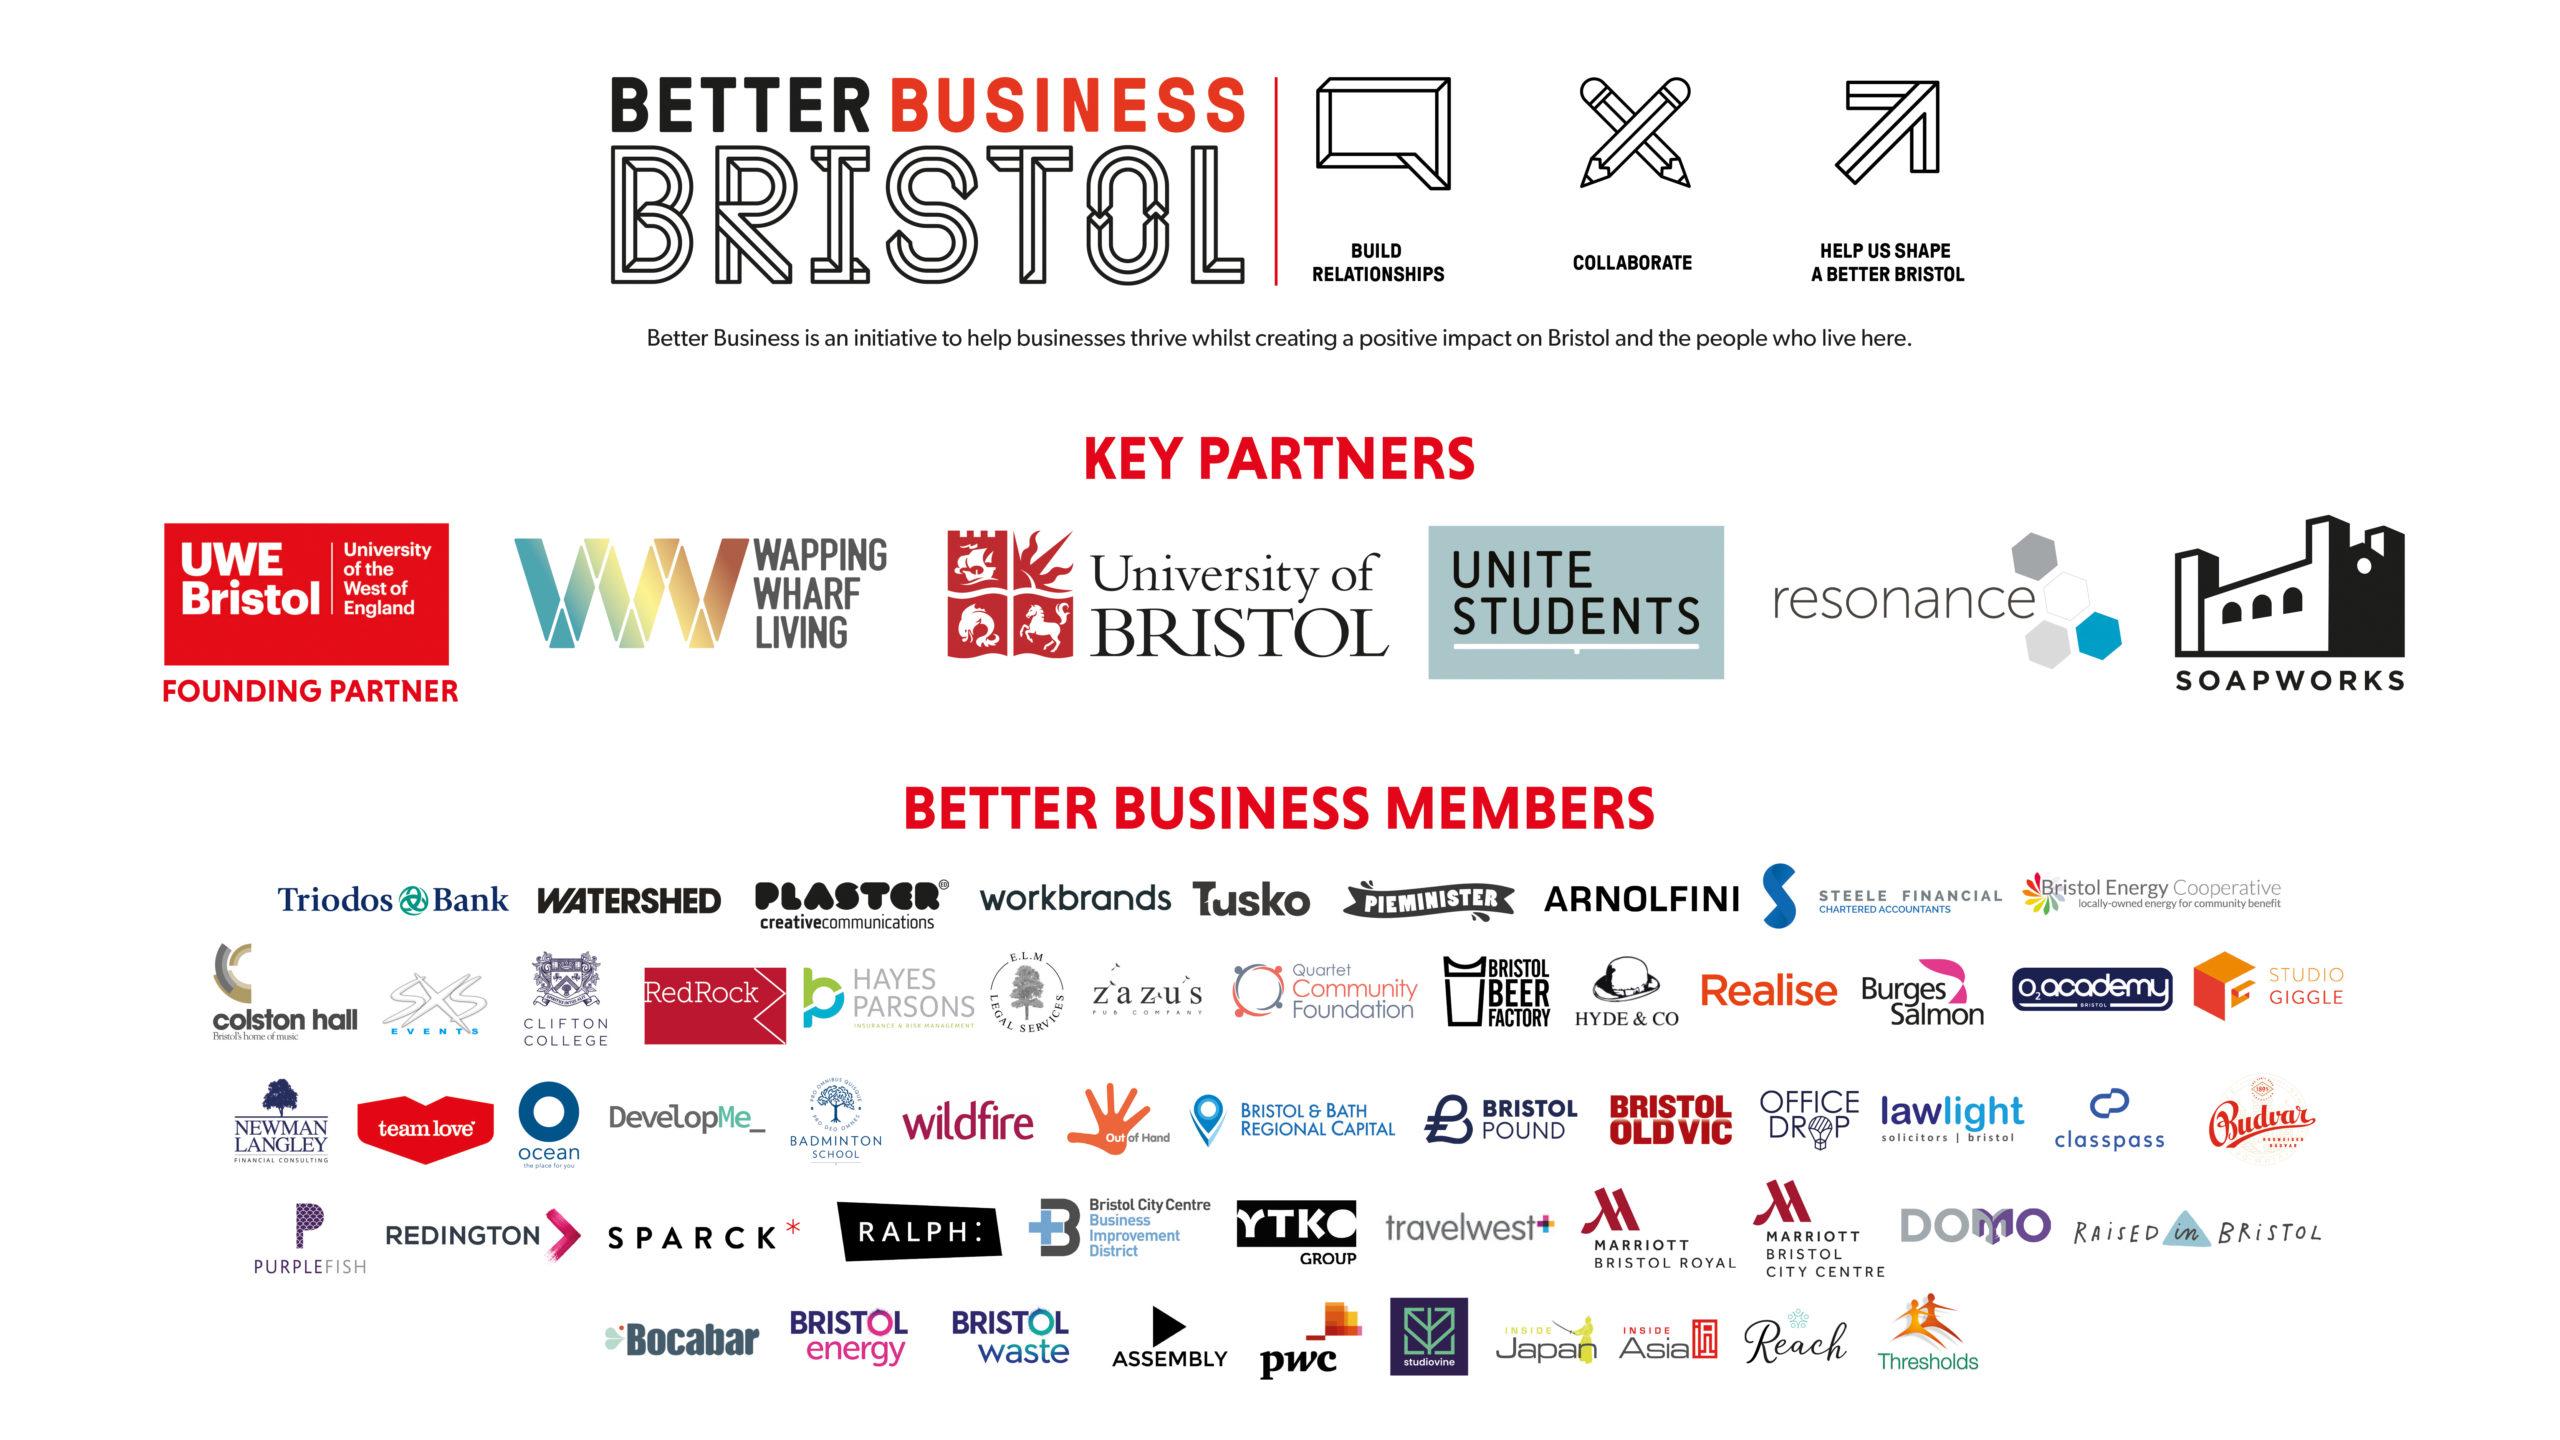 Better Business Member logos